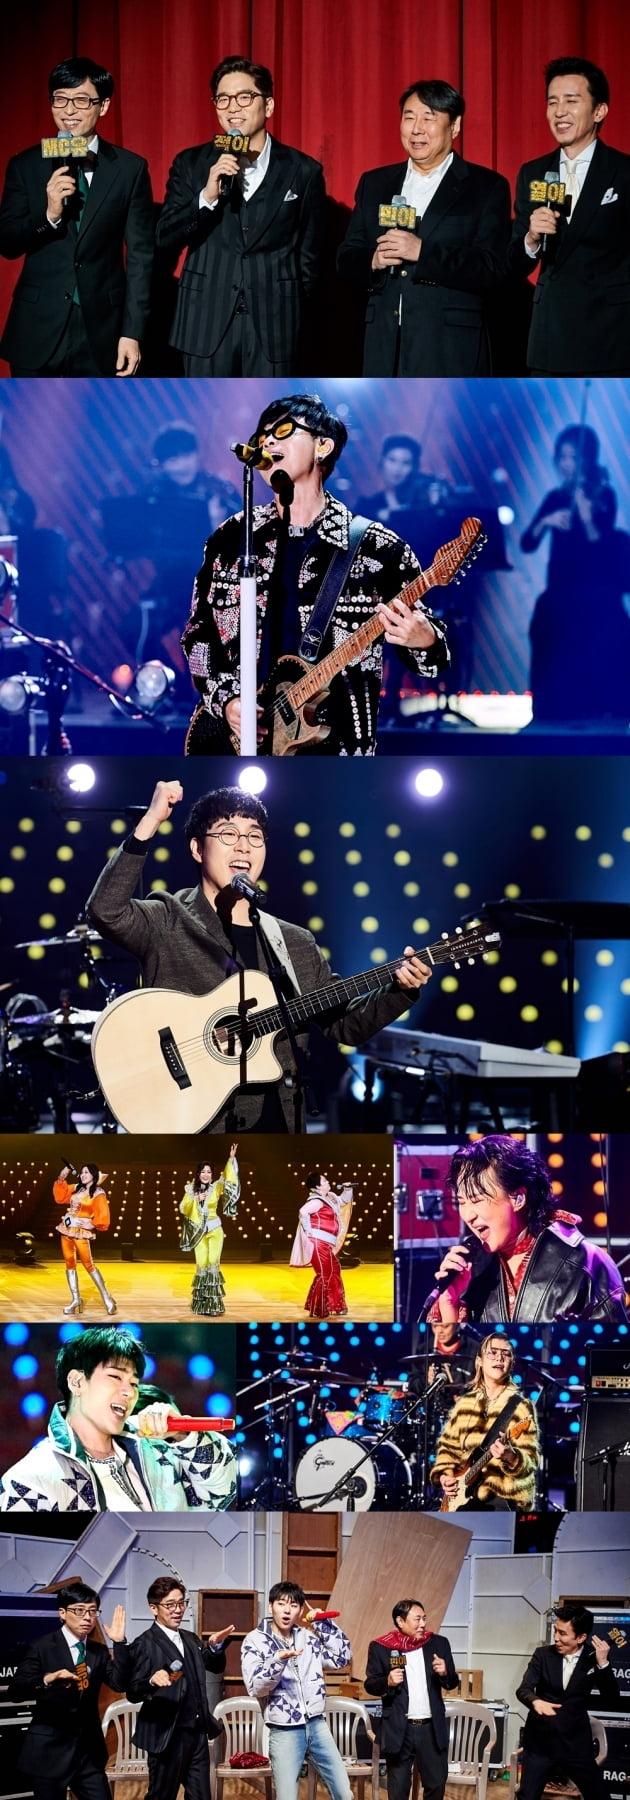 '놀면 뭐하니?' 방구석 콘서트 / 사진 = MBC 제공